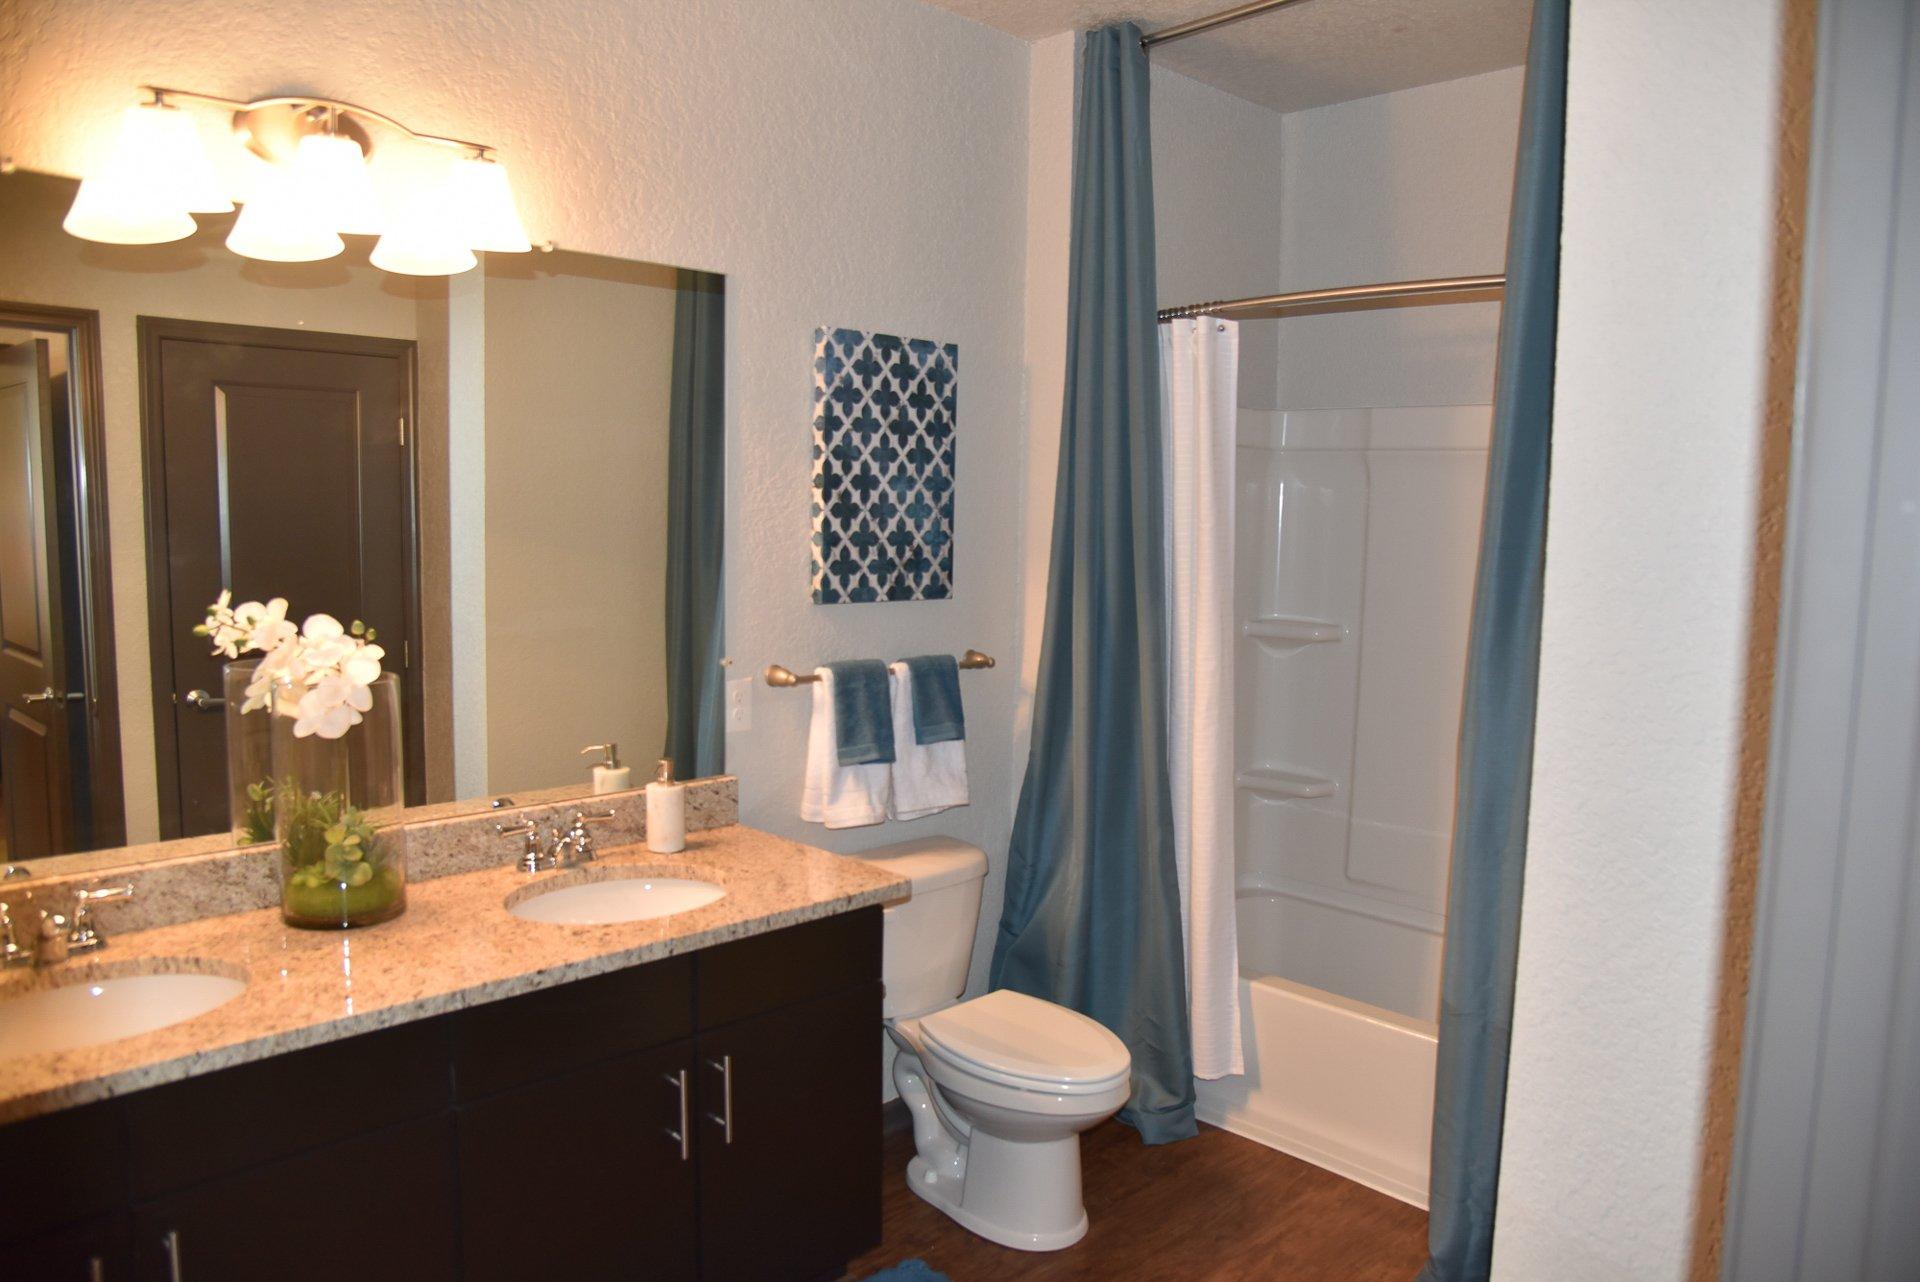 Springs at Knapp's Crossing bathroom